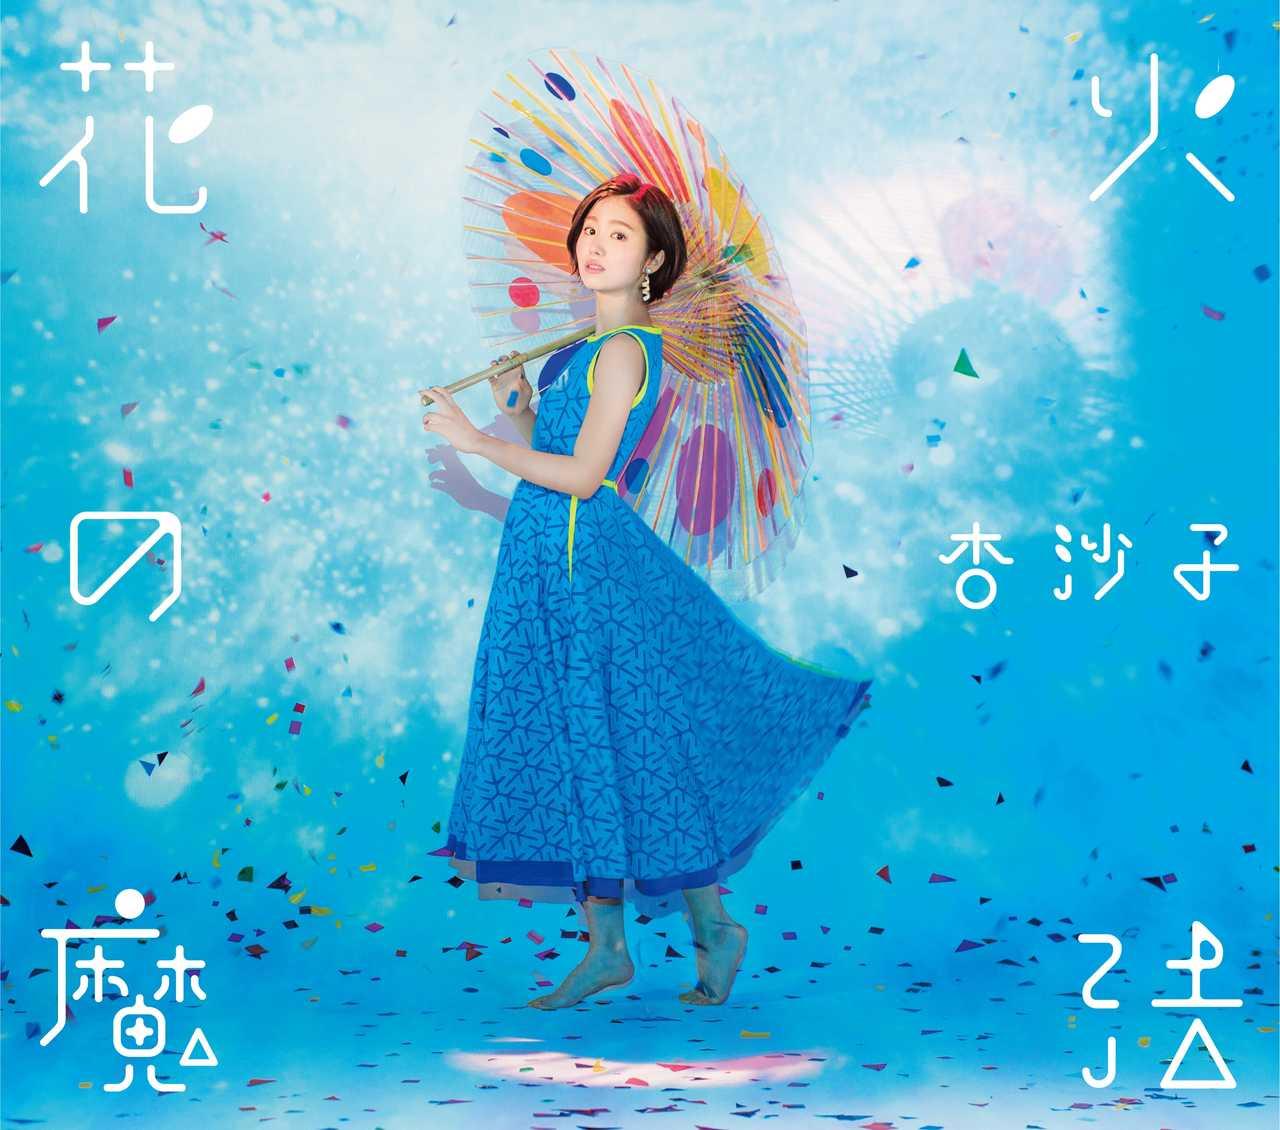 杏沙子、オリジナルMVのYouTube総再生数470万回超え、次世代シンガー杏沙子メジャーデビュー決定!